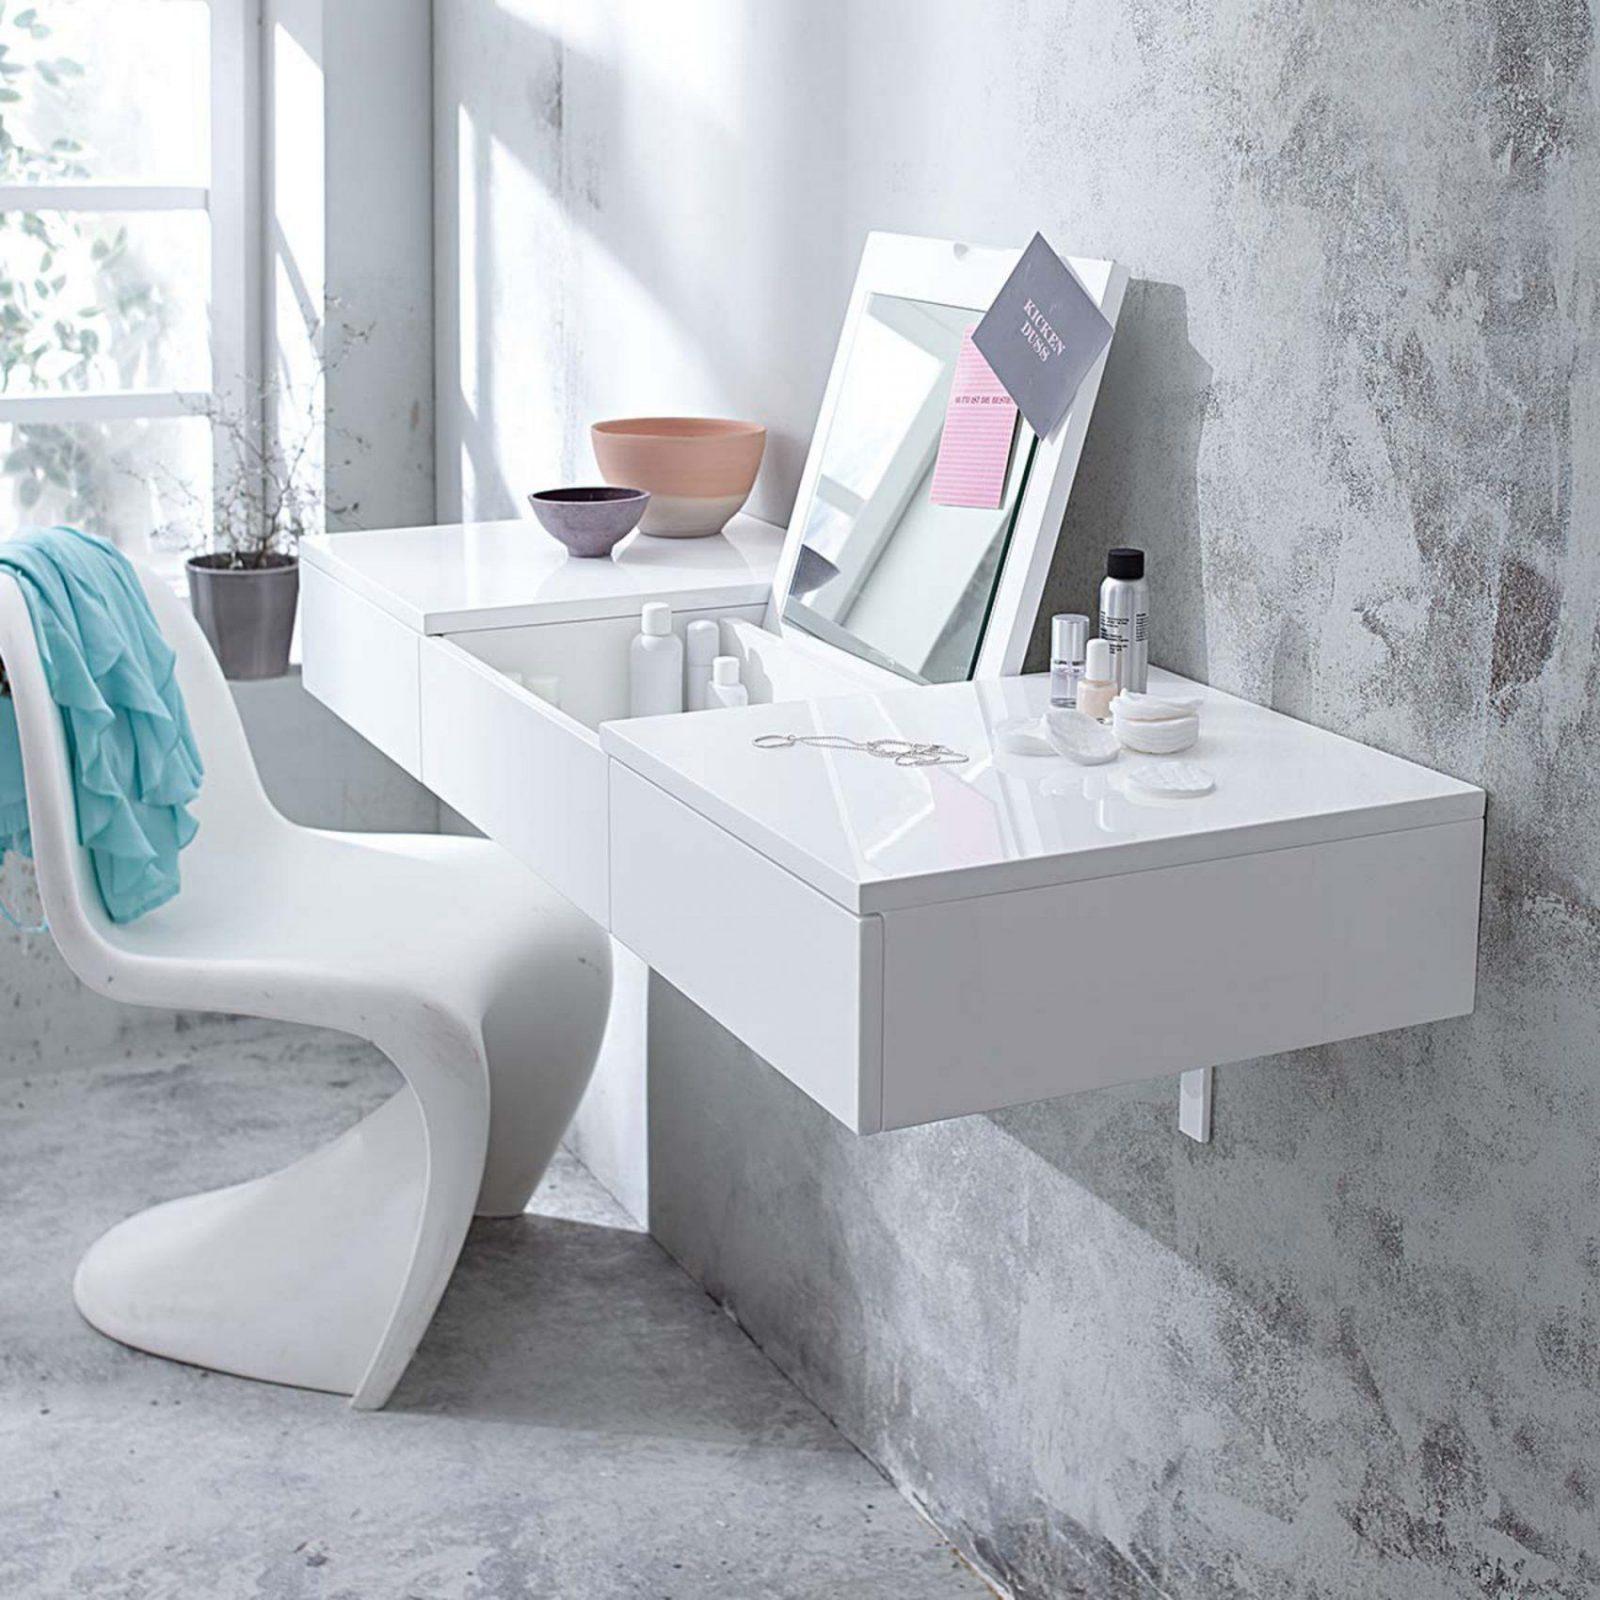 Nauhuri  Schminktisch Ikea Hemnes  Neuesten Design von Schminktisch Weiß Hochglanz Ikea Photo